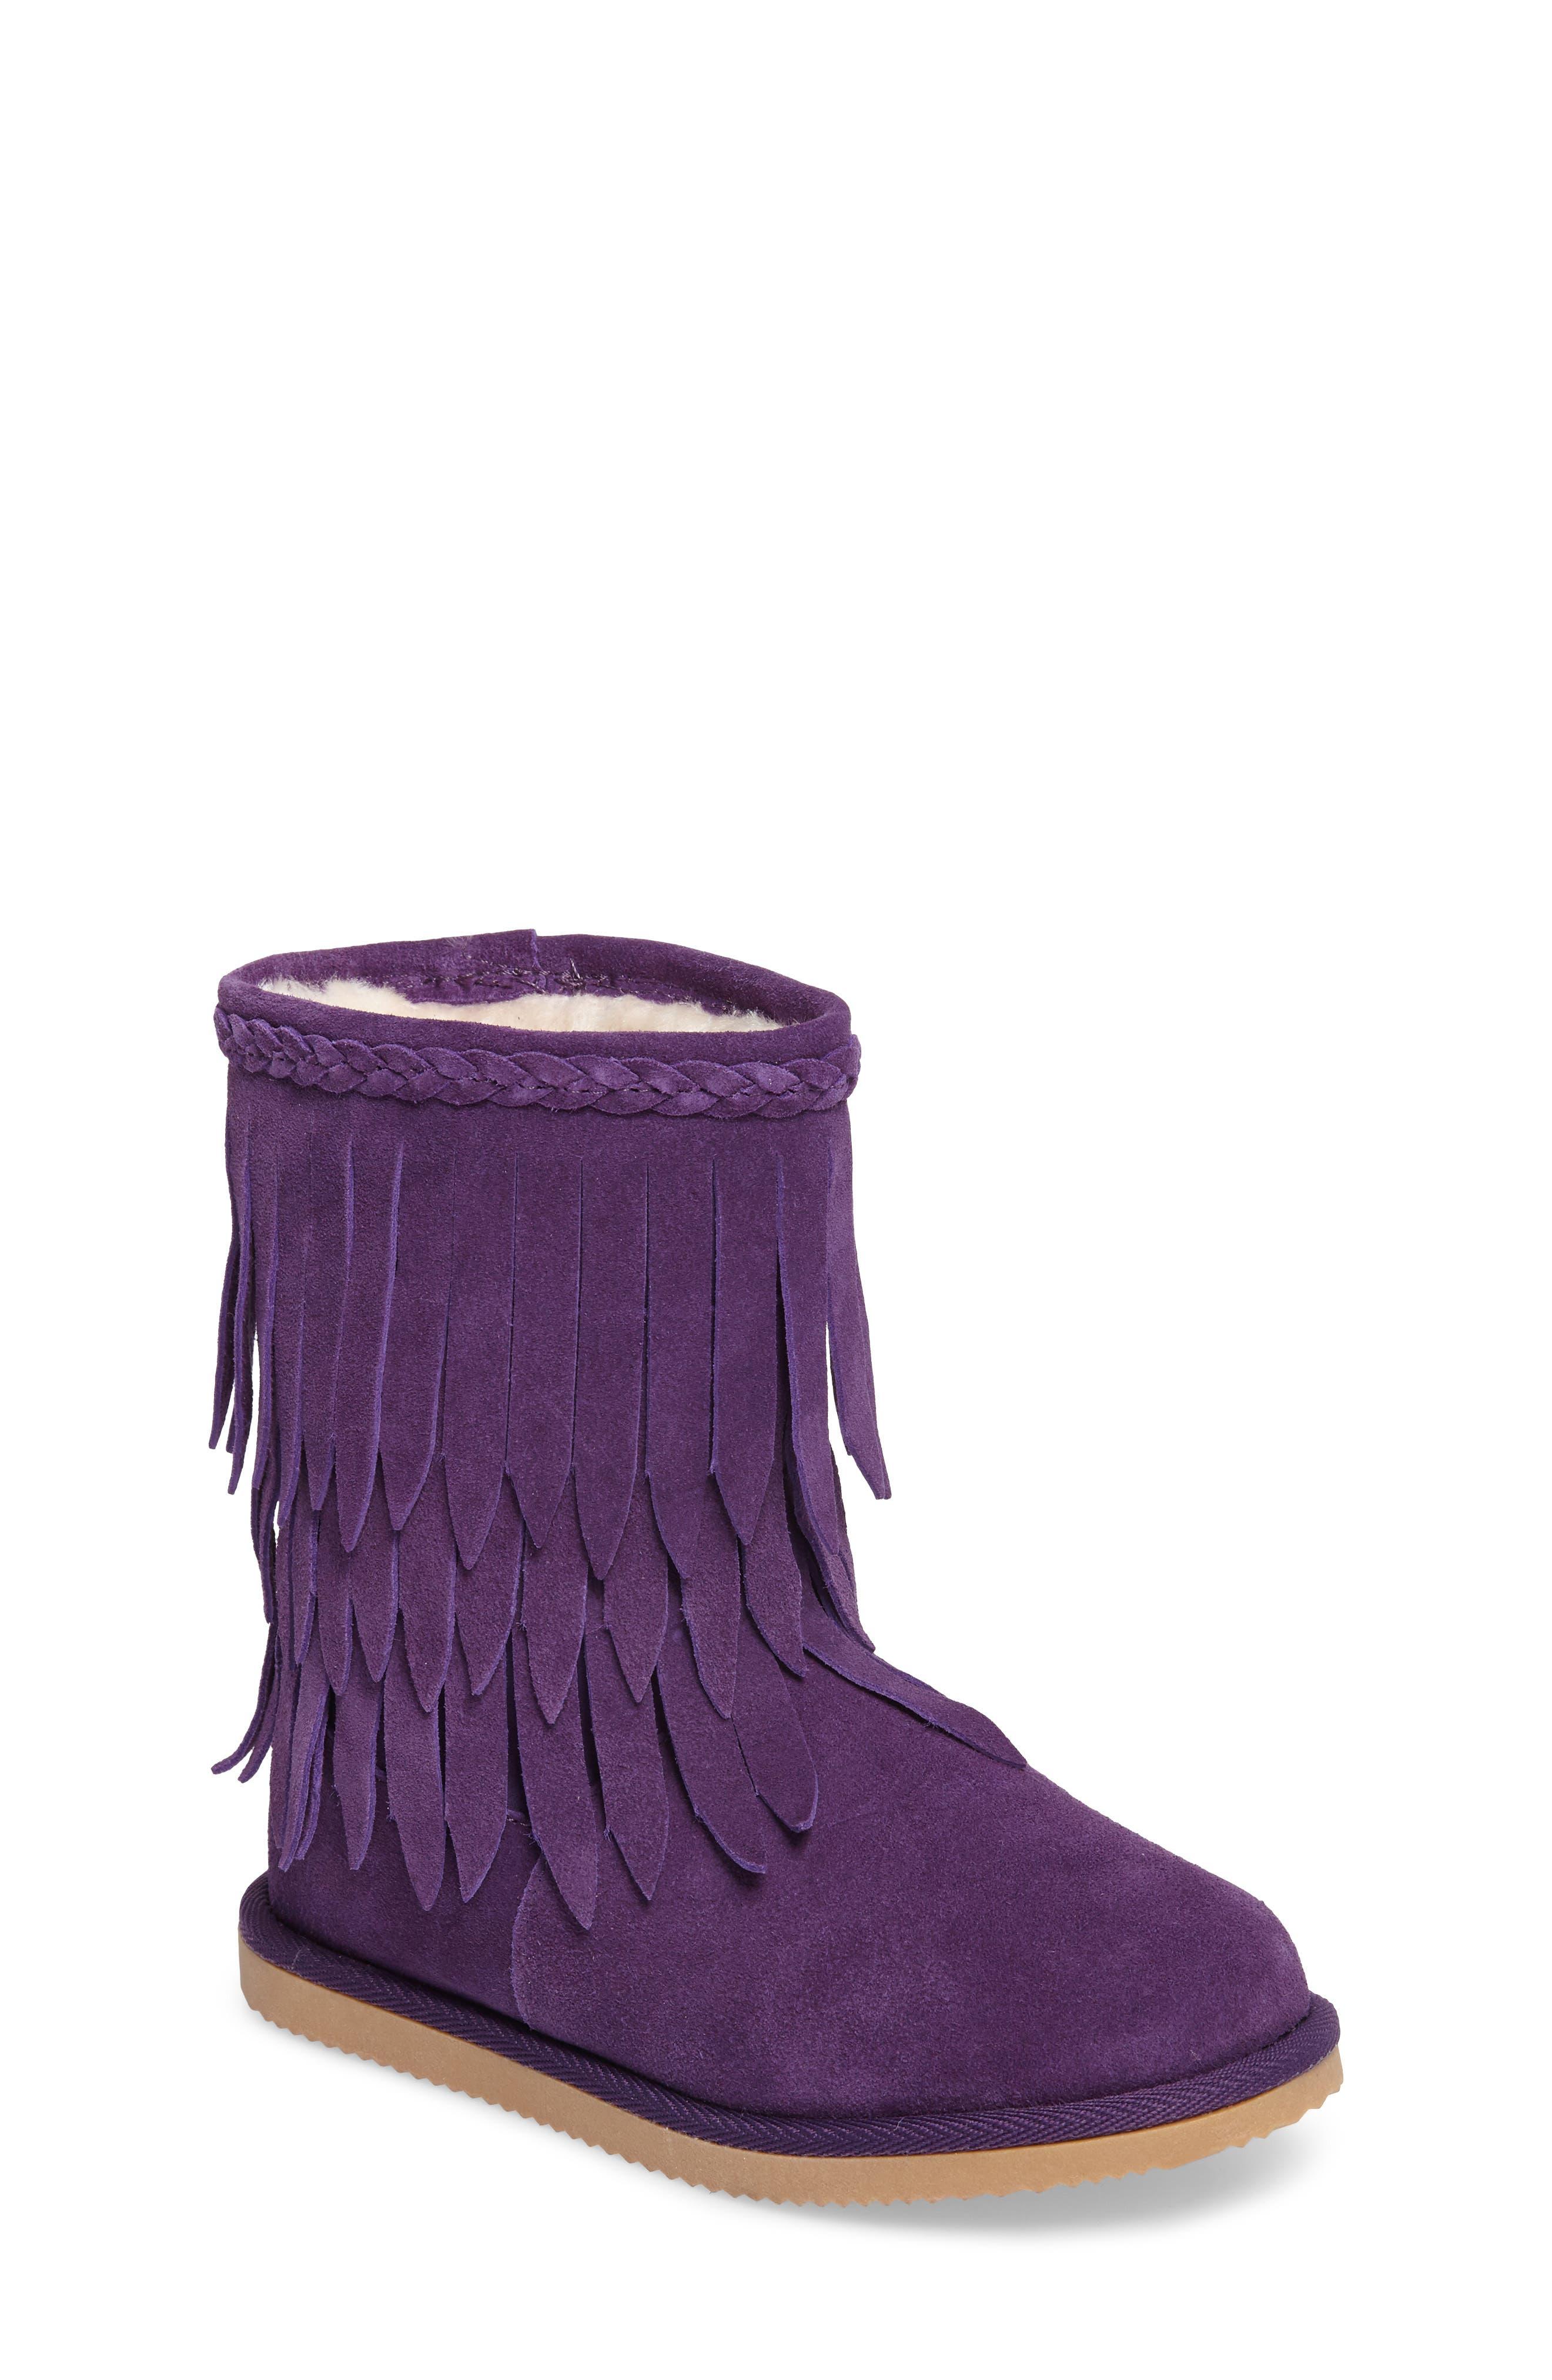 Elissa Faux Fur Fringed Bootie,                         Main,                         color, 500